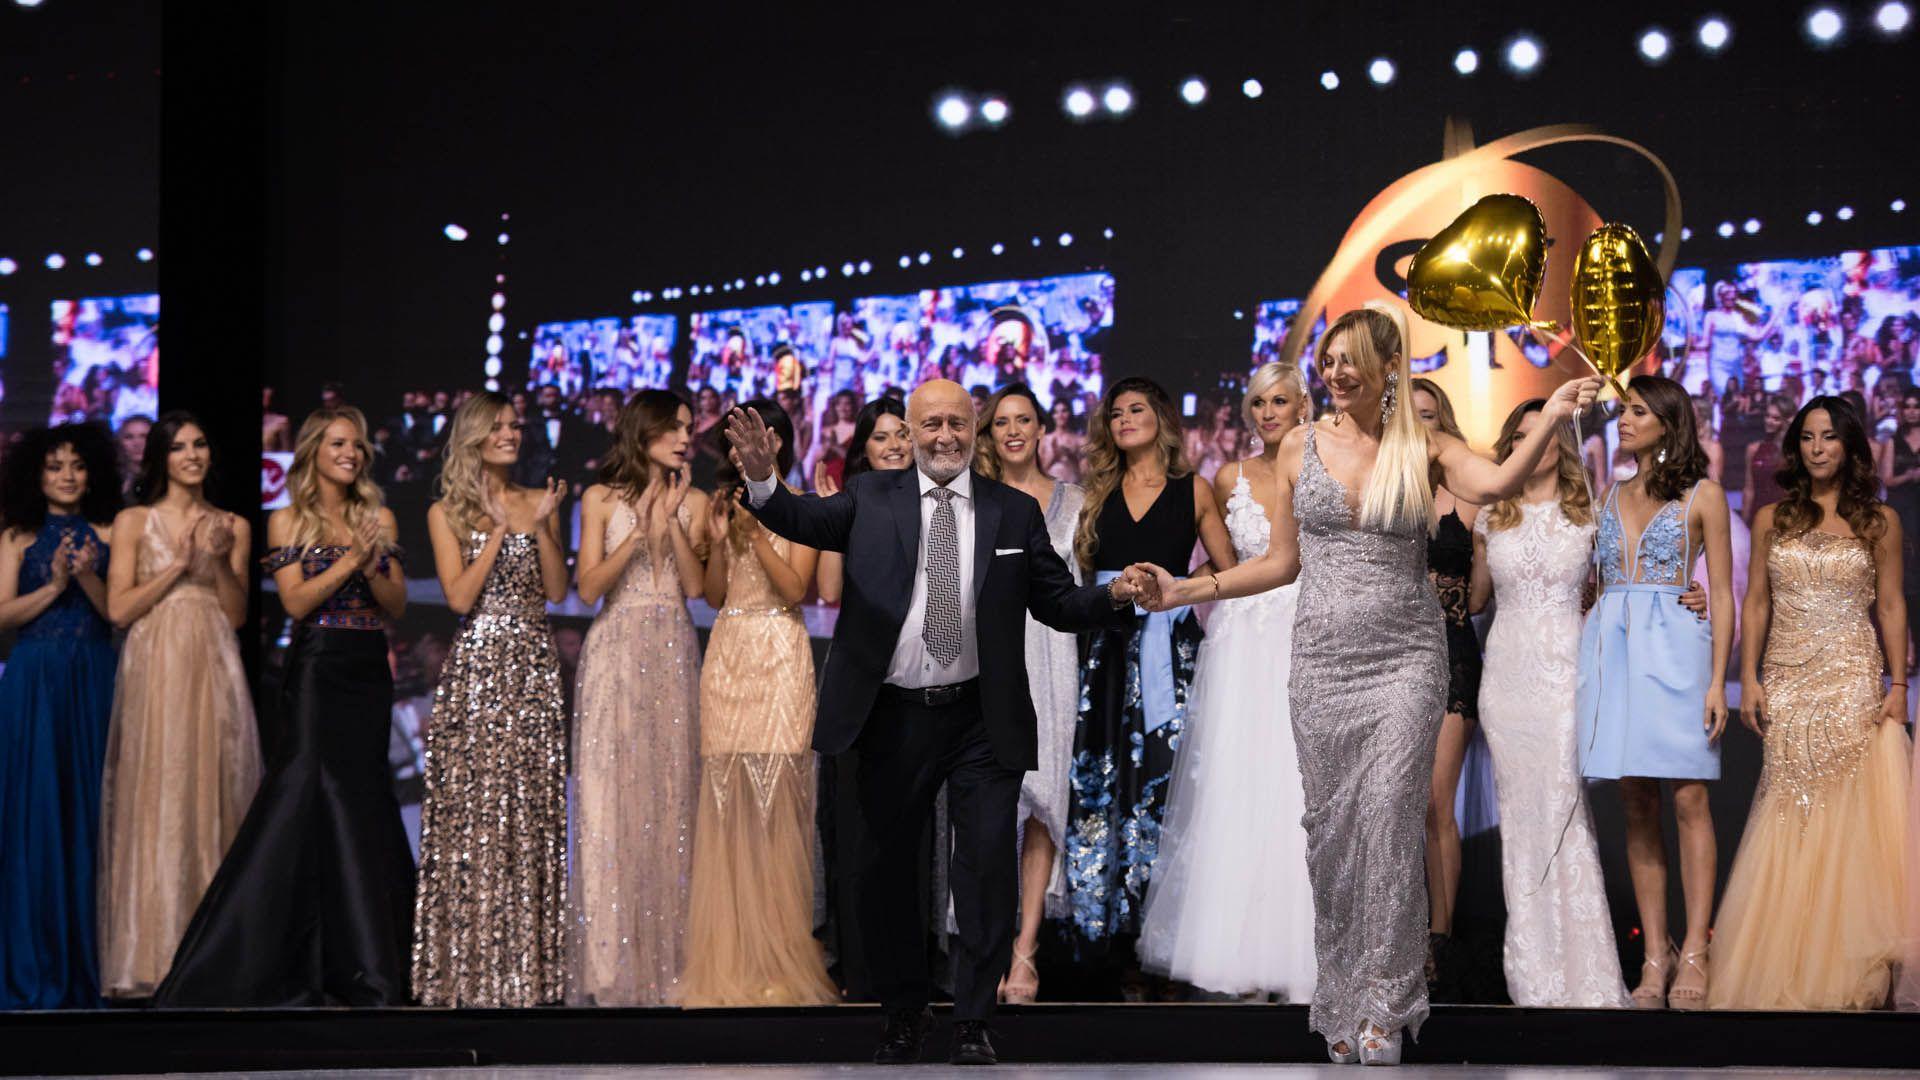 El director Mauricio Wachs y la directora creativa Elizabeth Yelin dieron el cierre a la primera jornada de Silkey Mundial Salón Internacional Moda & Coiffure 2019